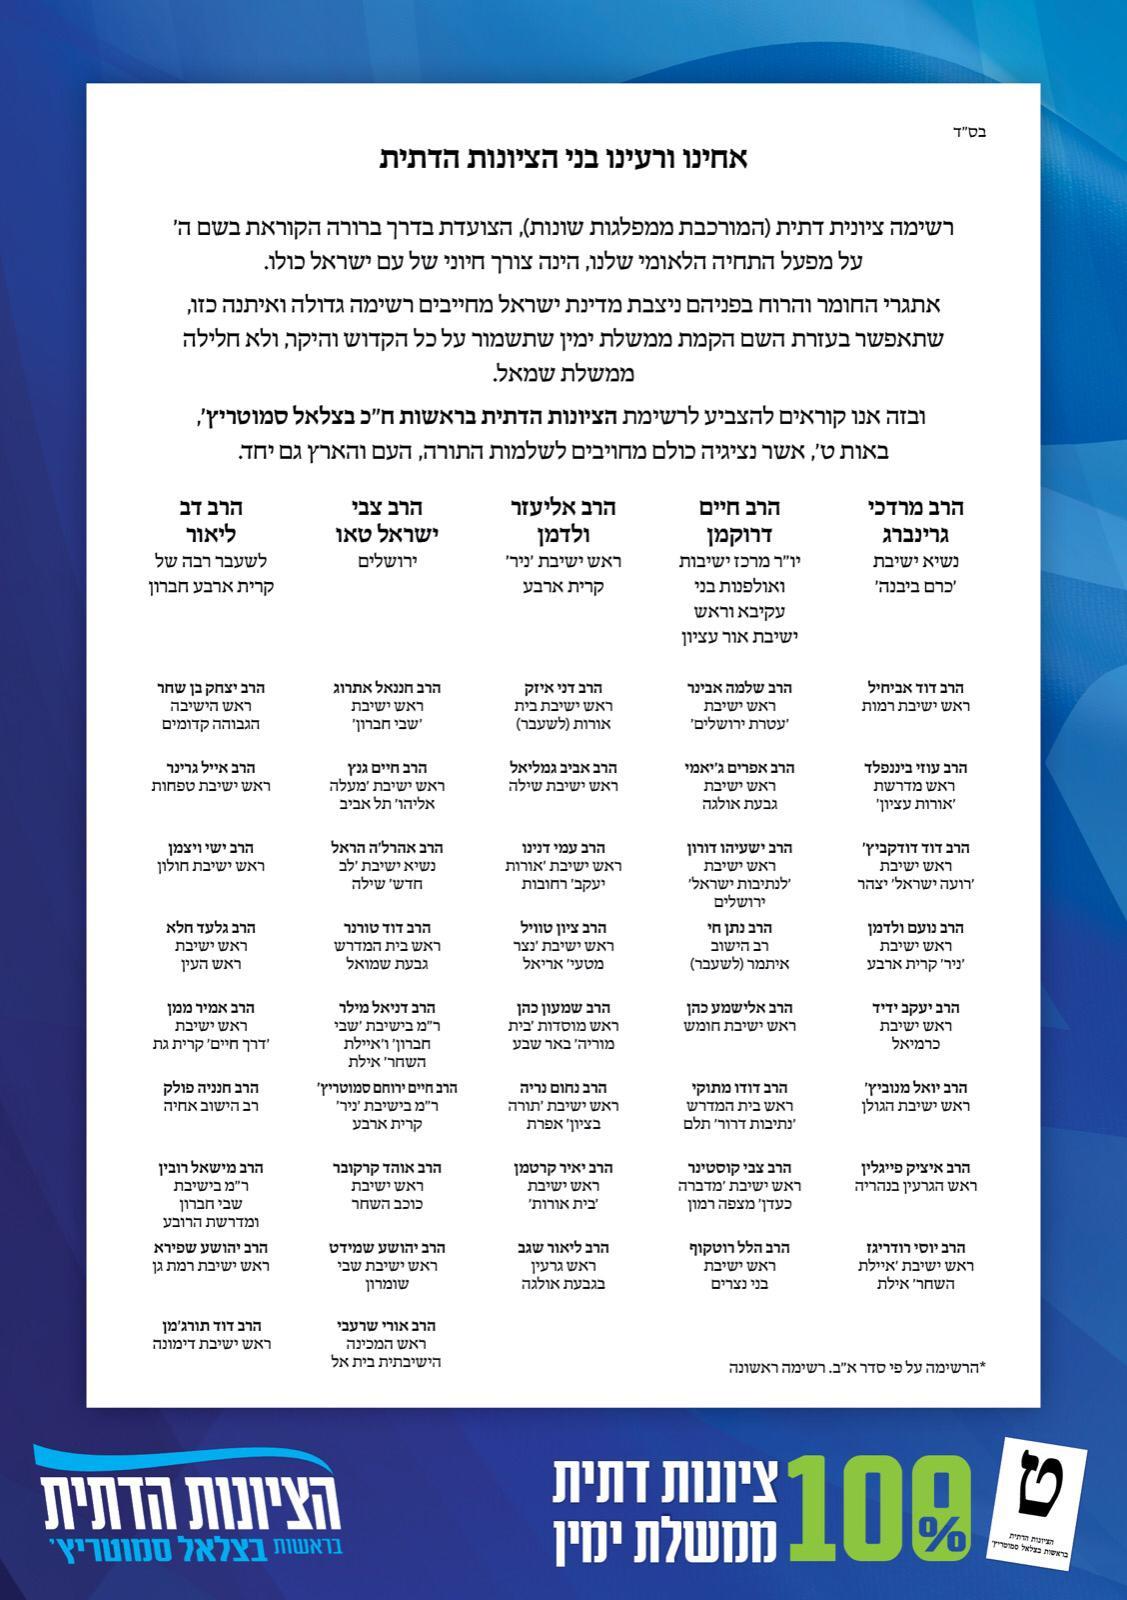 """בצלאל סמוטריץ : """"רשימה ציונית דתית הקוראת בשם ה׳, הינה צורך חיוני של עם ישראל כולו""""."""